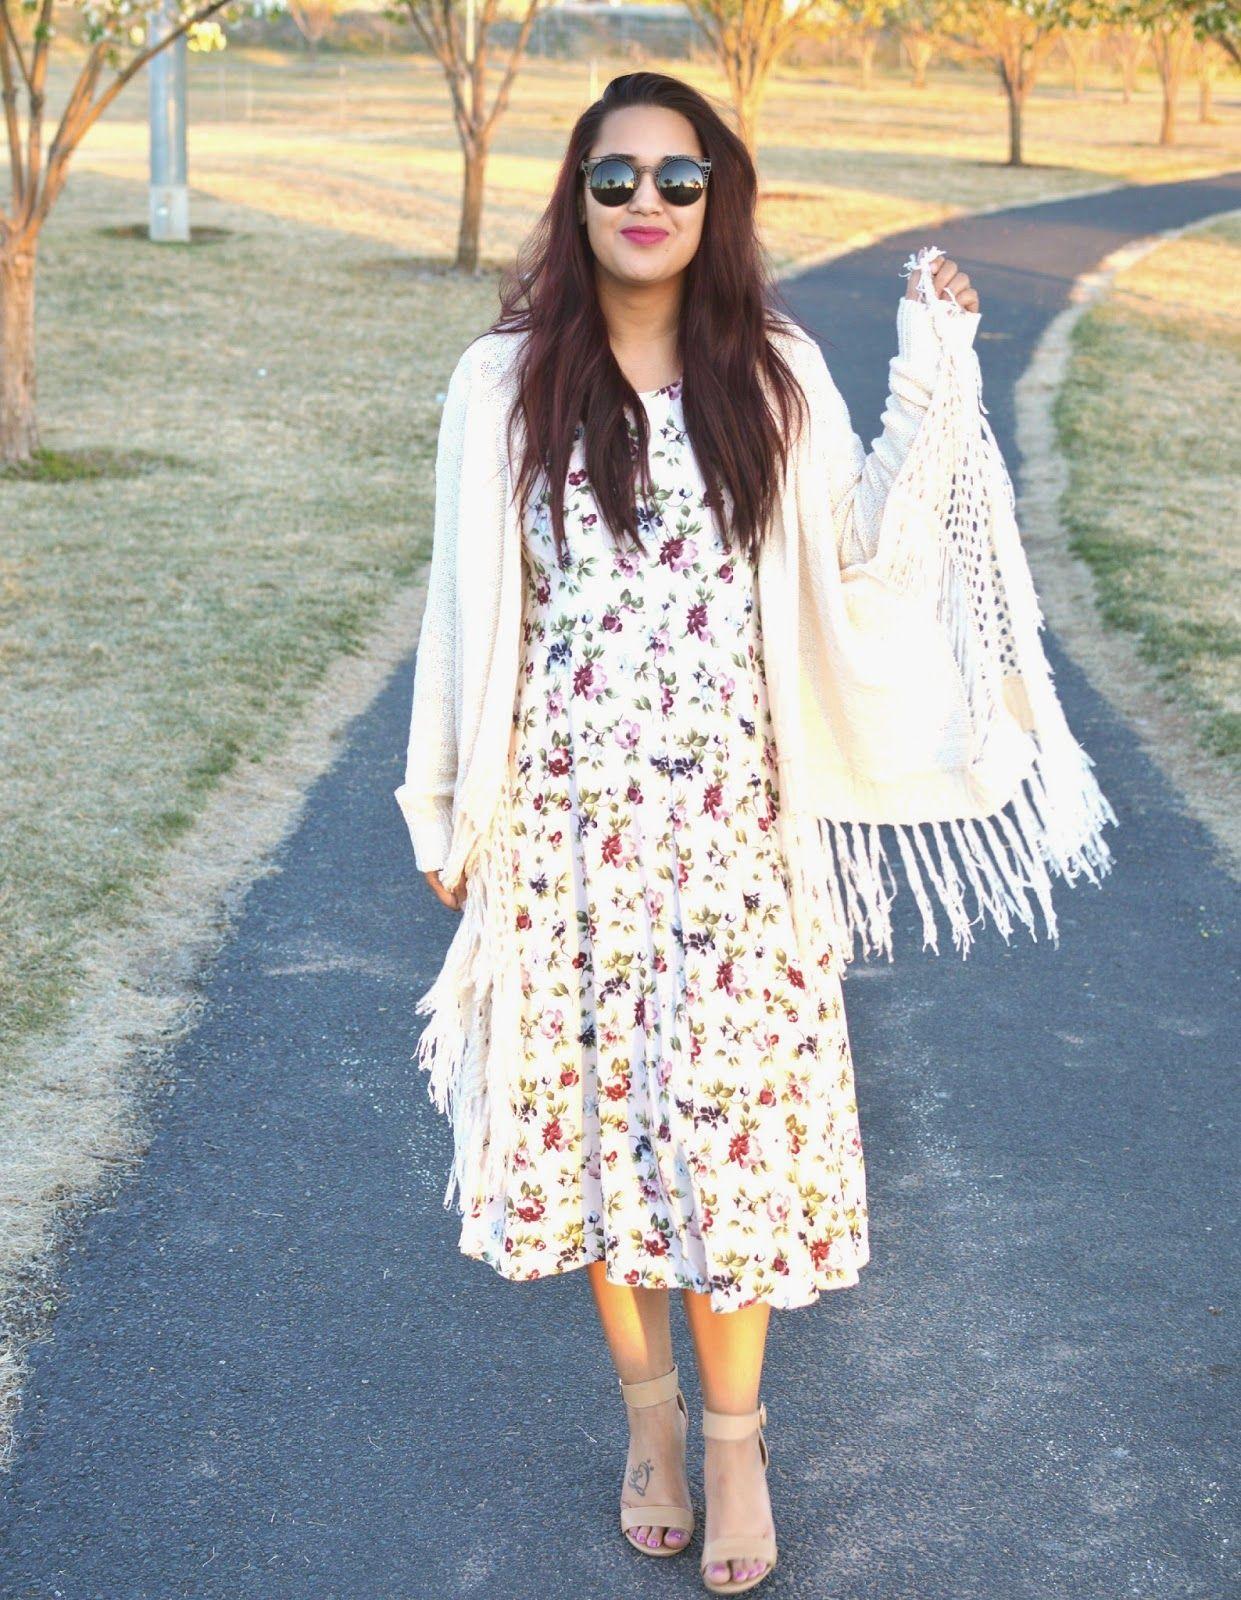 Vintage Floral Dress Tumblr Looks B2b Fashion Vintage Dresses Beautiful Dresses Dresses